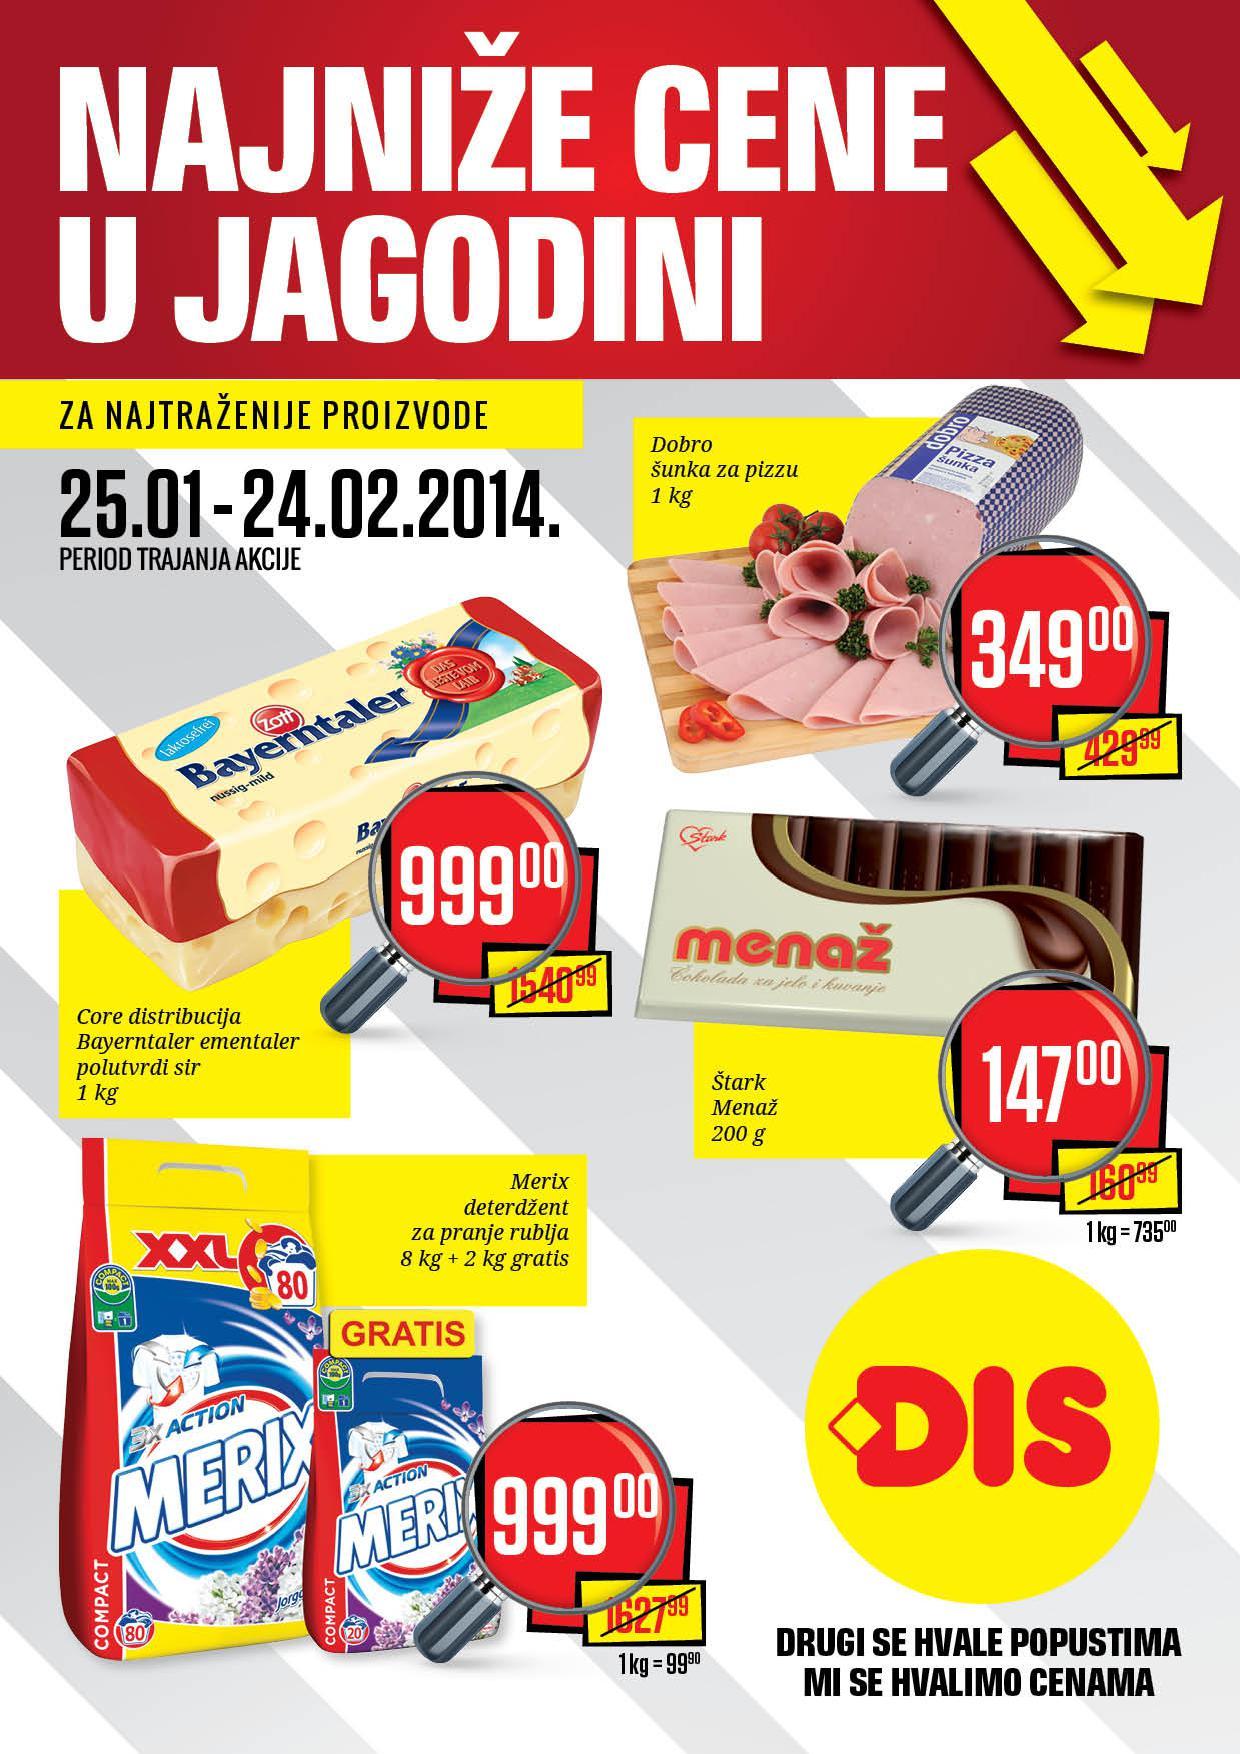 Dis katalog najniže cene u Jagodini!